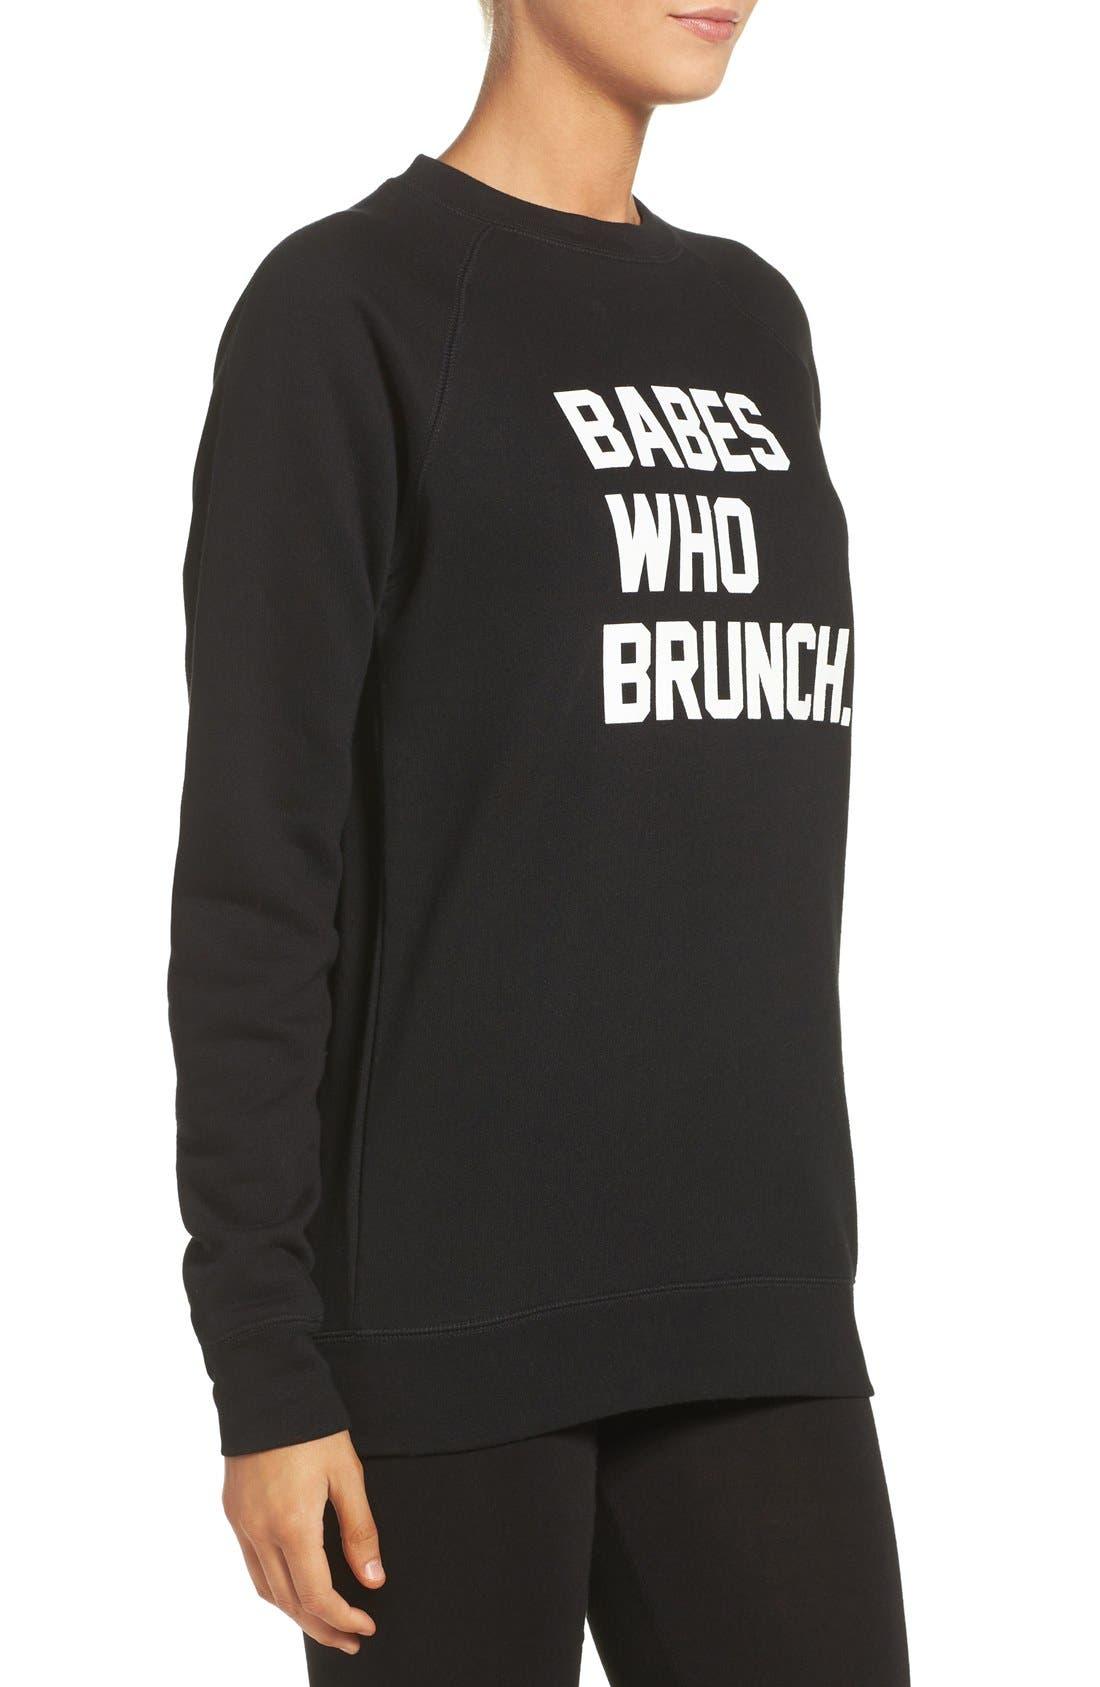 BRUNETTE THE LABEL, 'Babes Who Brunch' Crewneck Sweatshirt, Alternate thumbnail 3, color, 001